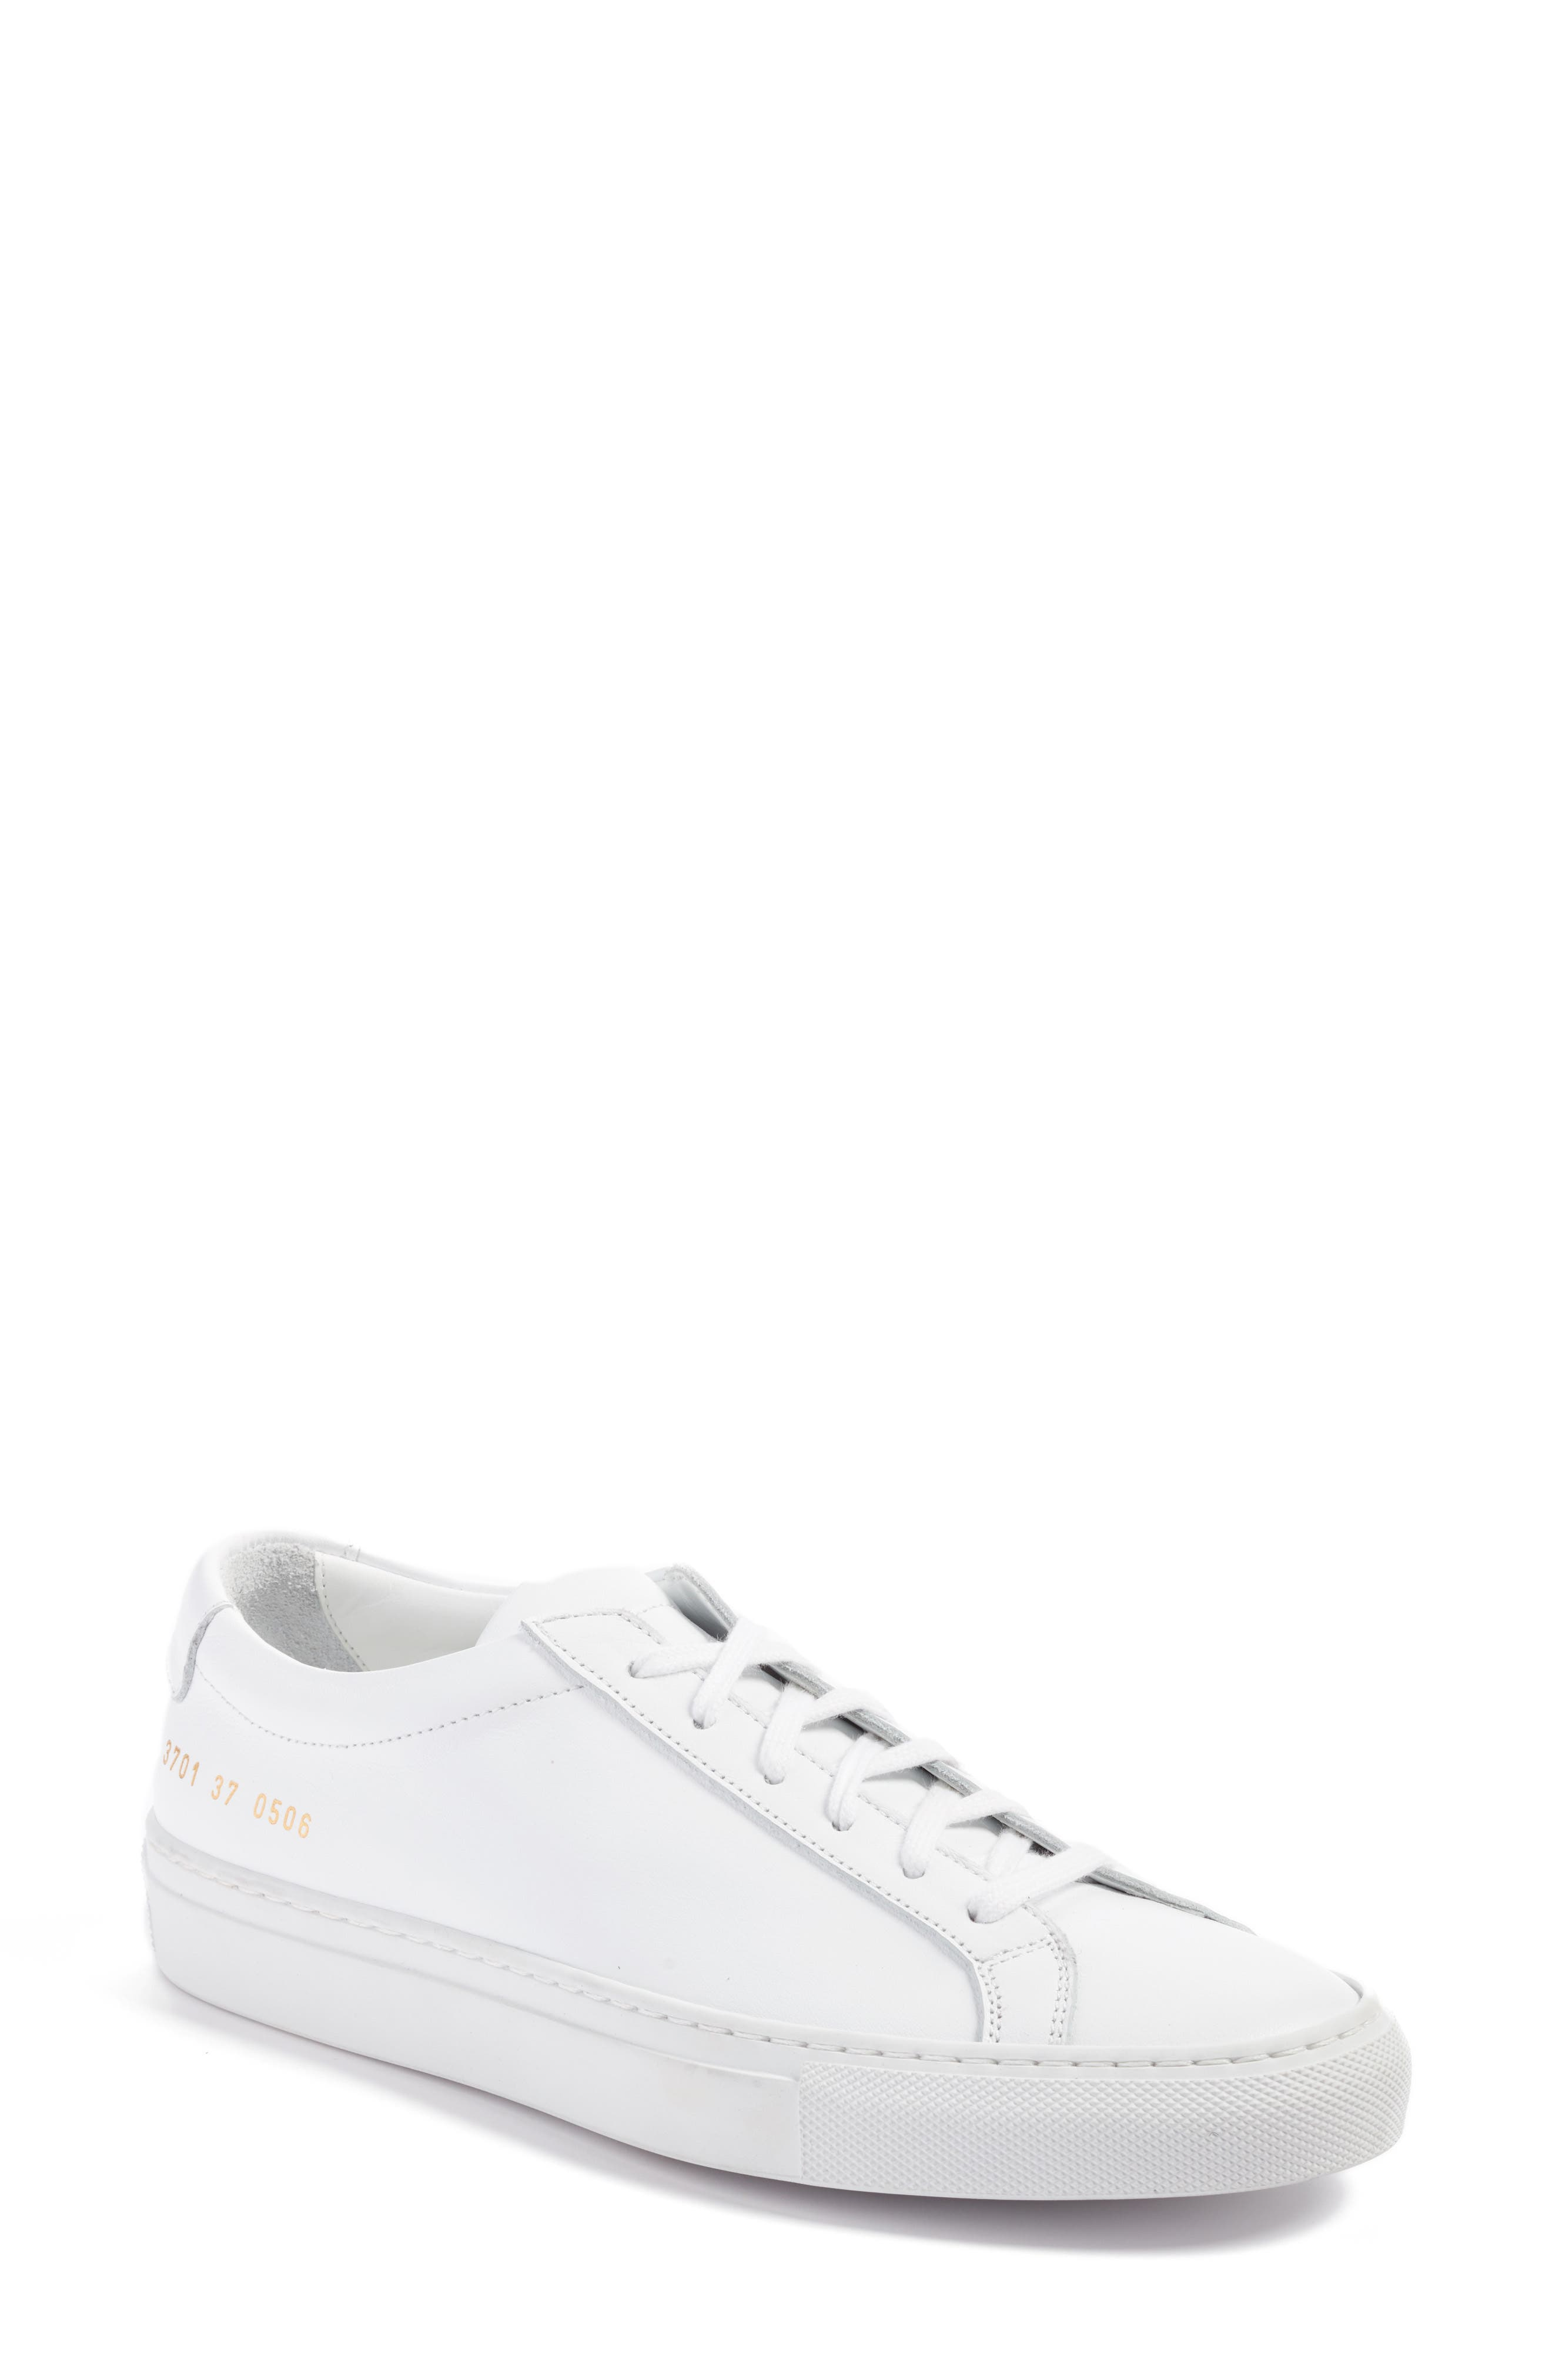 Common Projects Original Achilles Sneaker (Women)